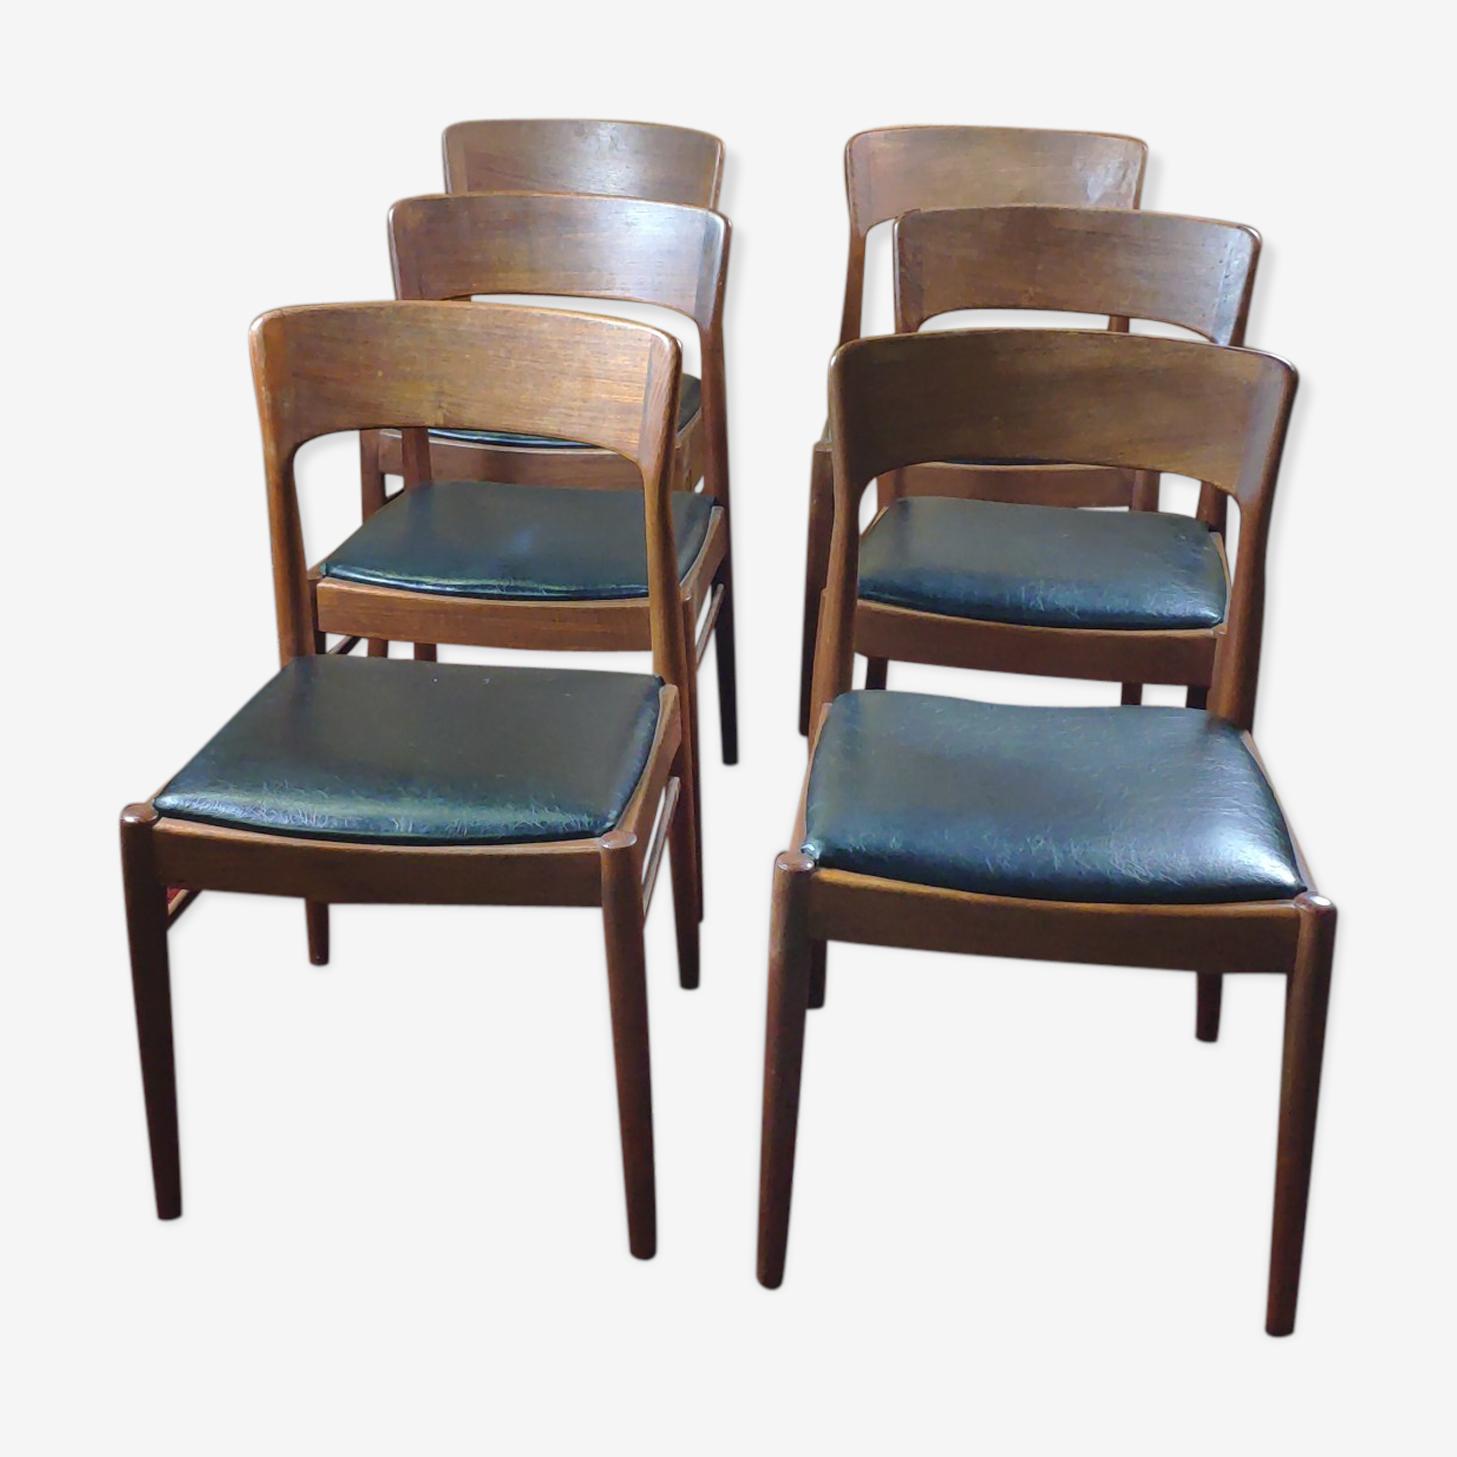 Set de 6 chaises scandinaves 1960 K.S made in Danemark